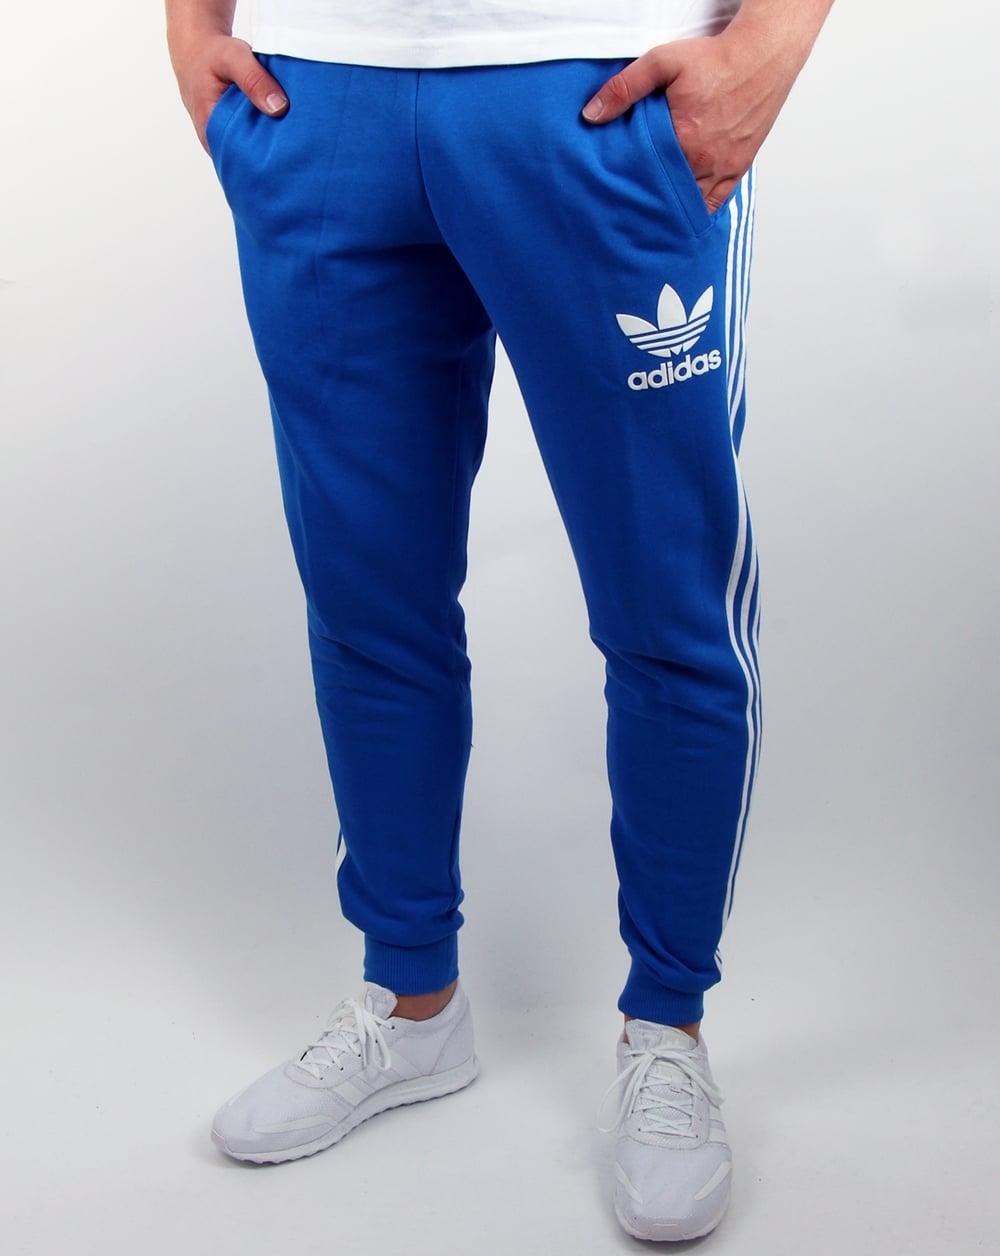 e21c319c3e24 adidas Originals Adidas Originals California Ft Track Pants Bluebird